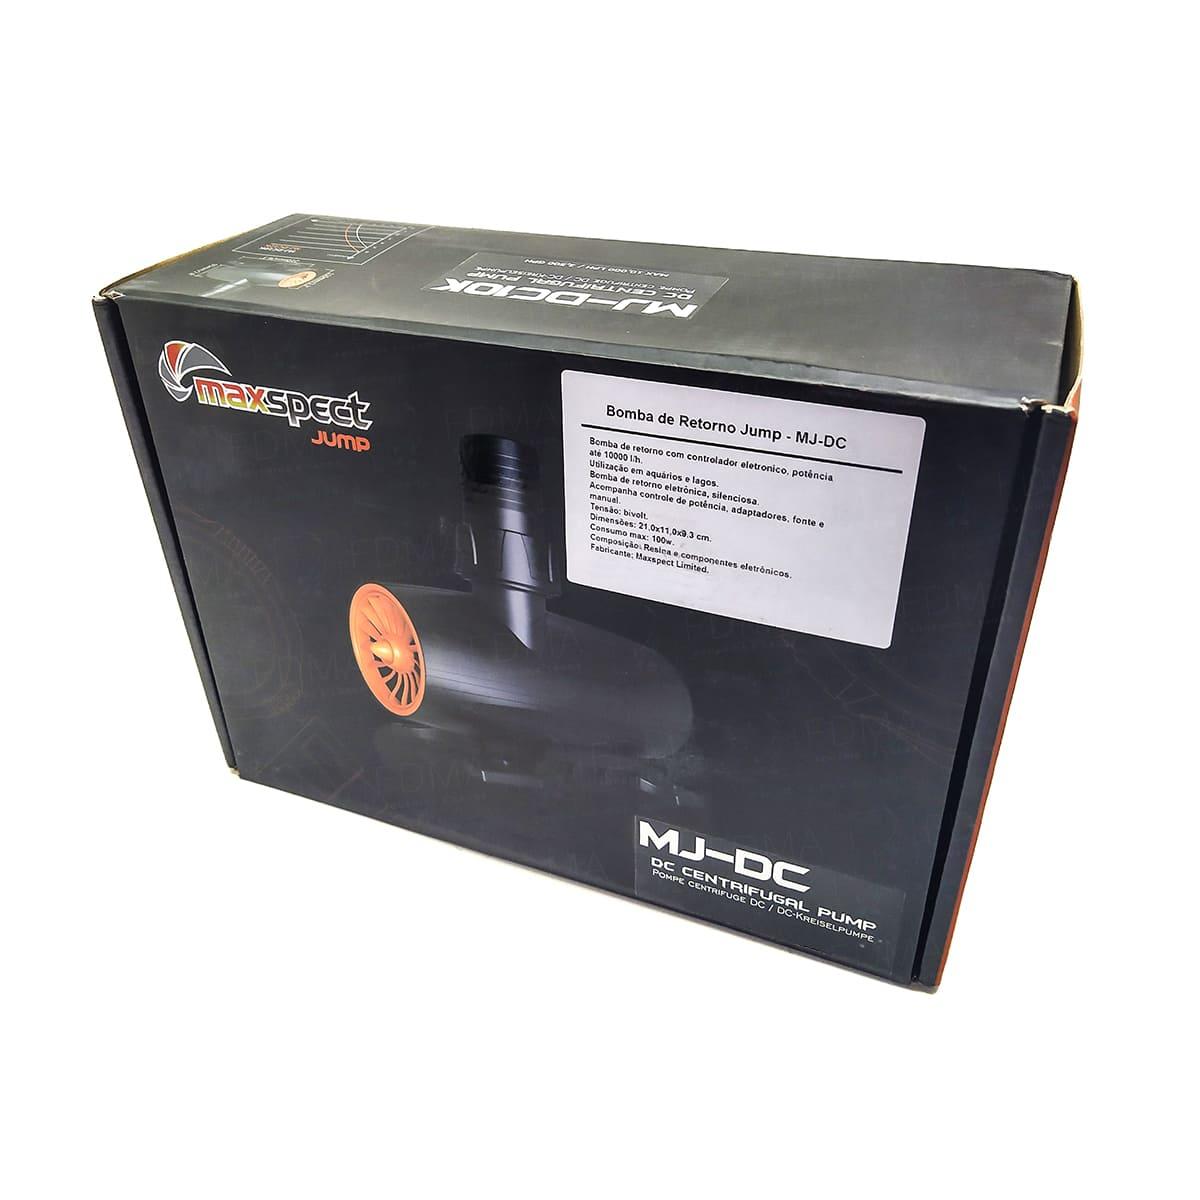 Maxspect MJ-DC 10K Bomba de Retorno DC c/ Controle - Bivolt